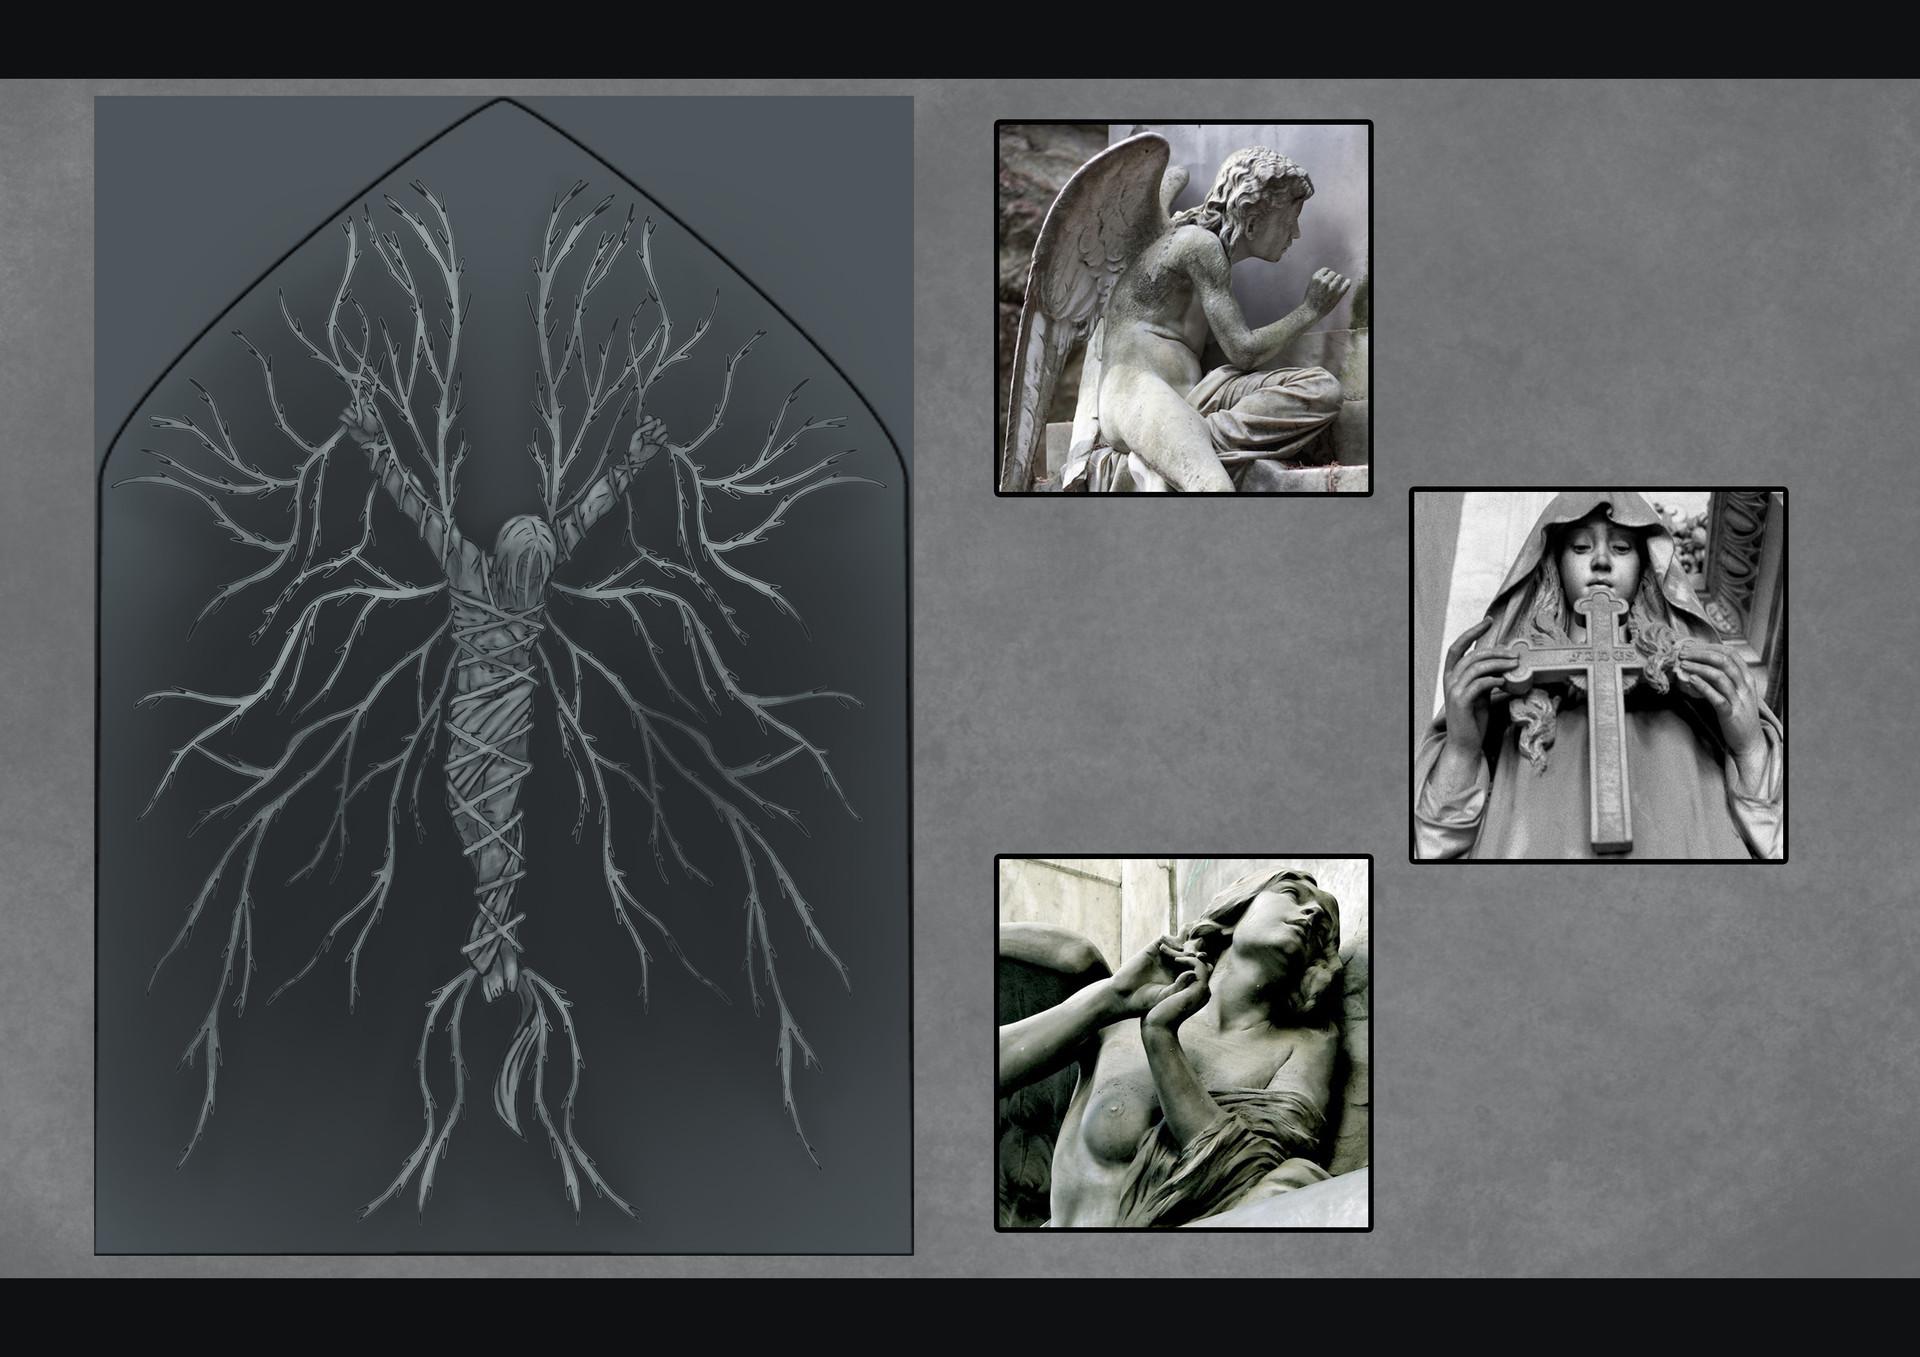 Marius Nicolescu - Vampire Coven/Nightclub concept